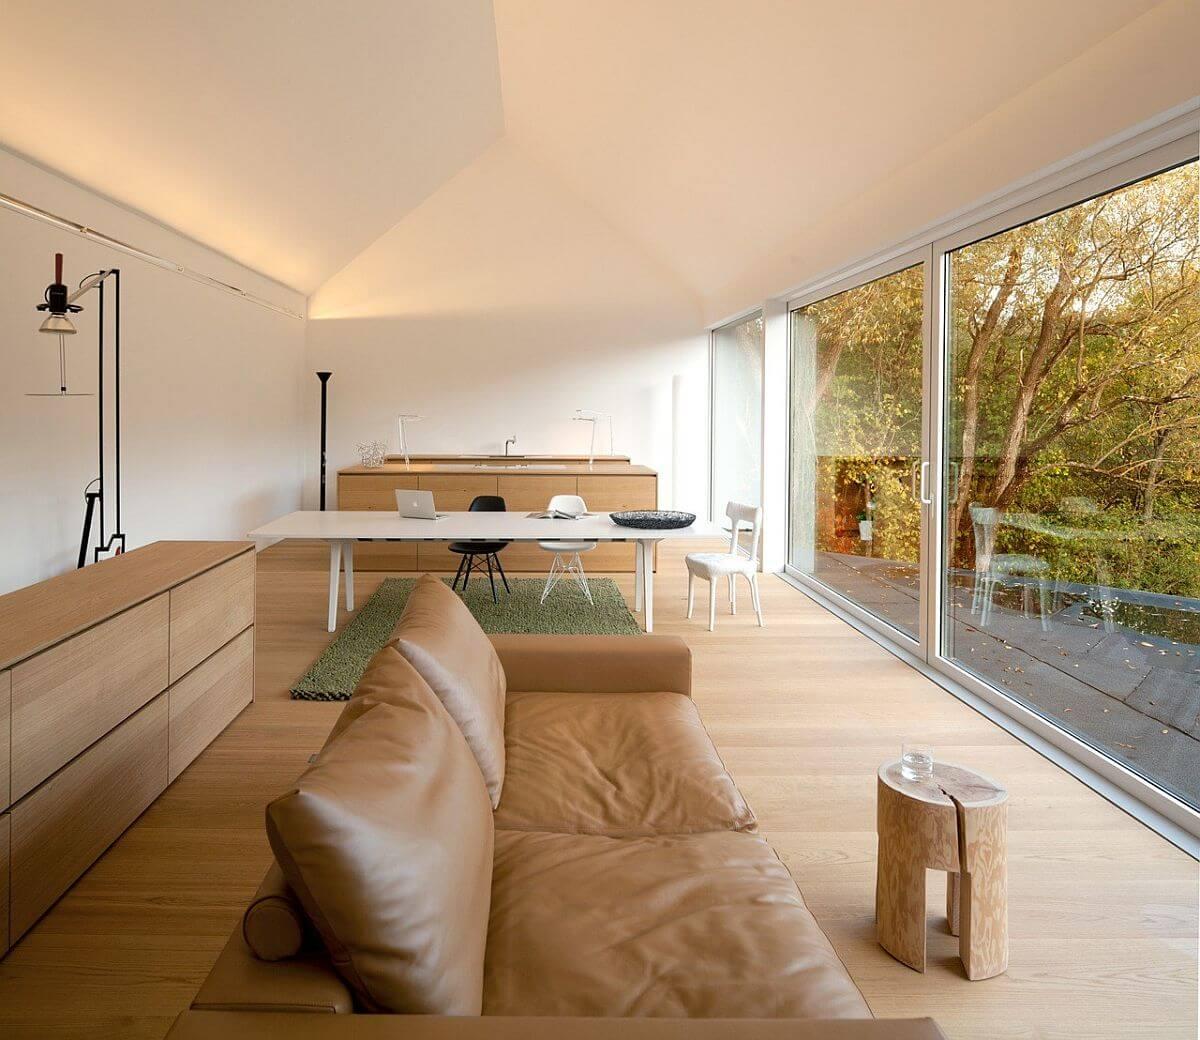 гостиная совмещённая с кухней в доме